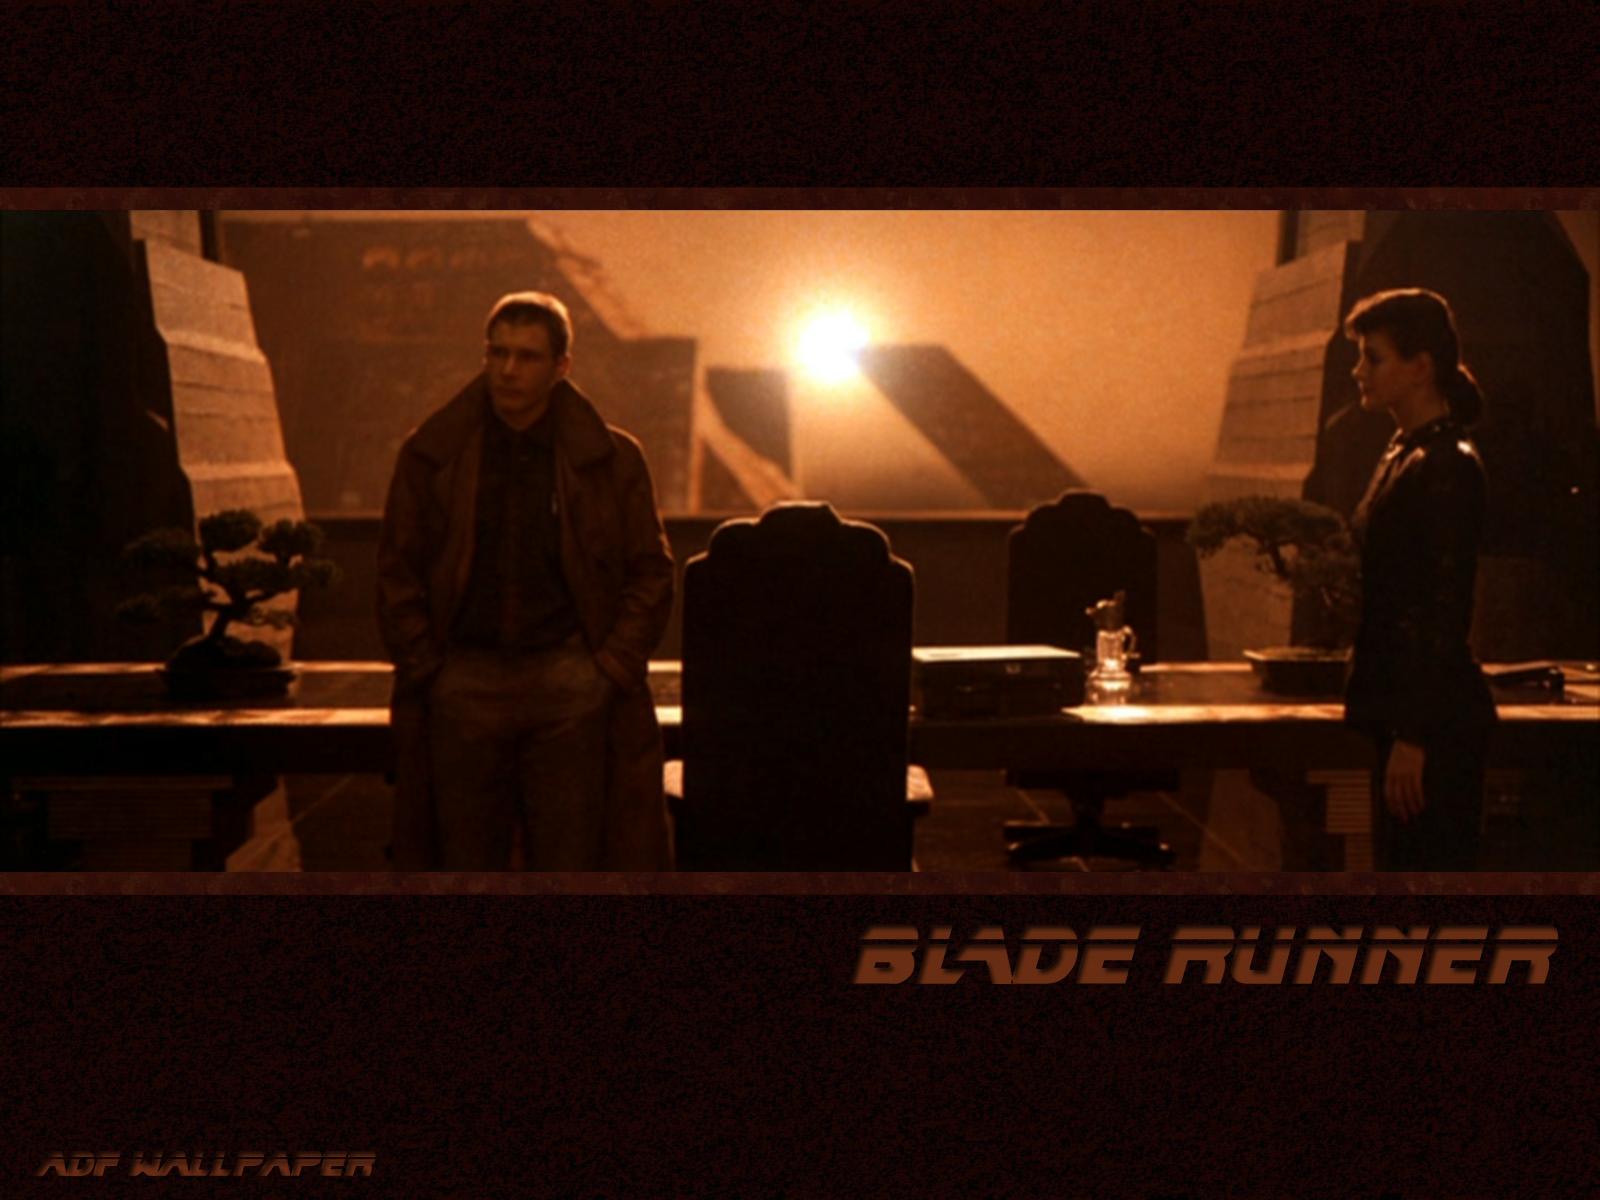 30 aos de Blade runner 1600x1200